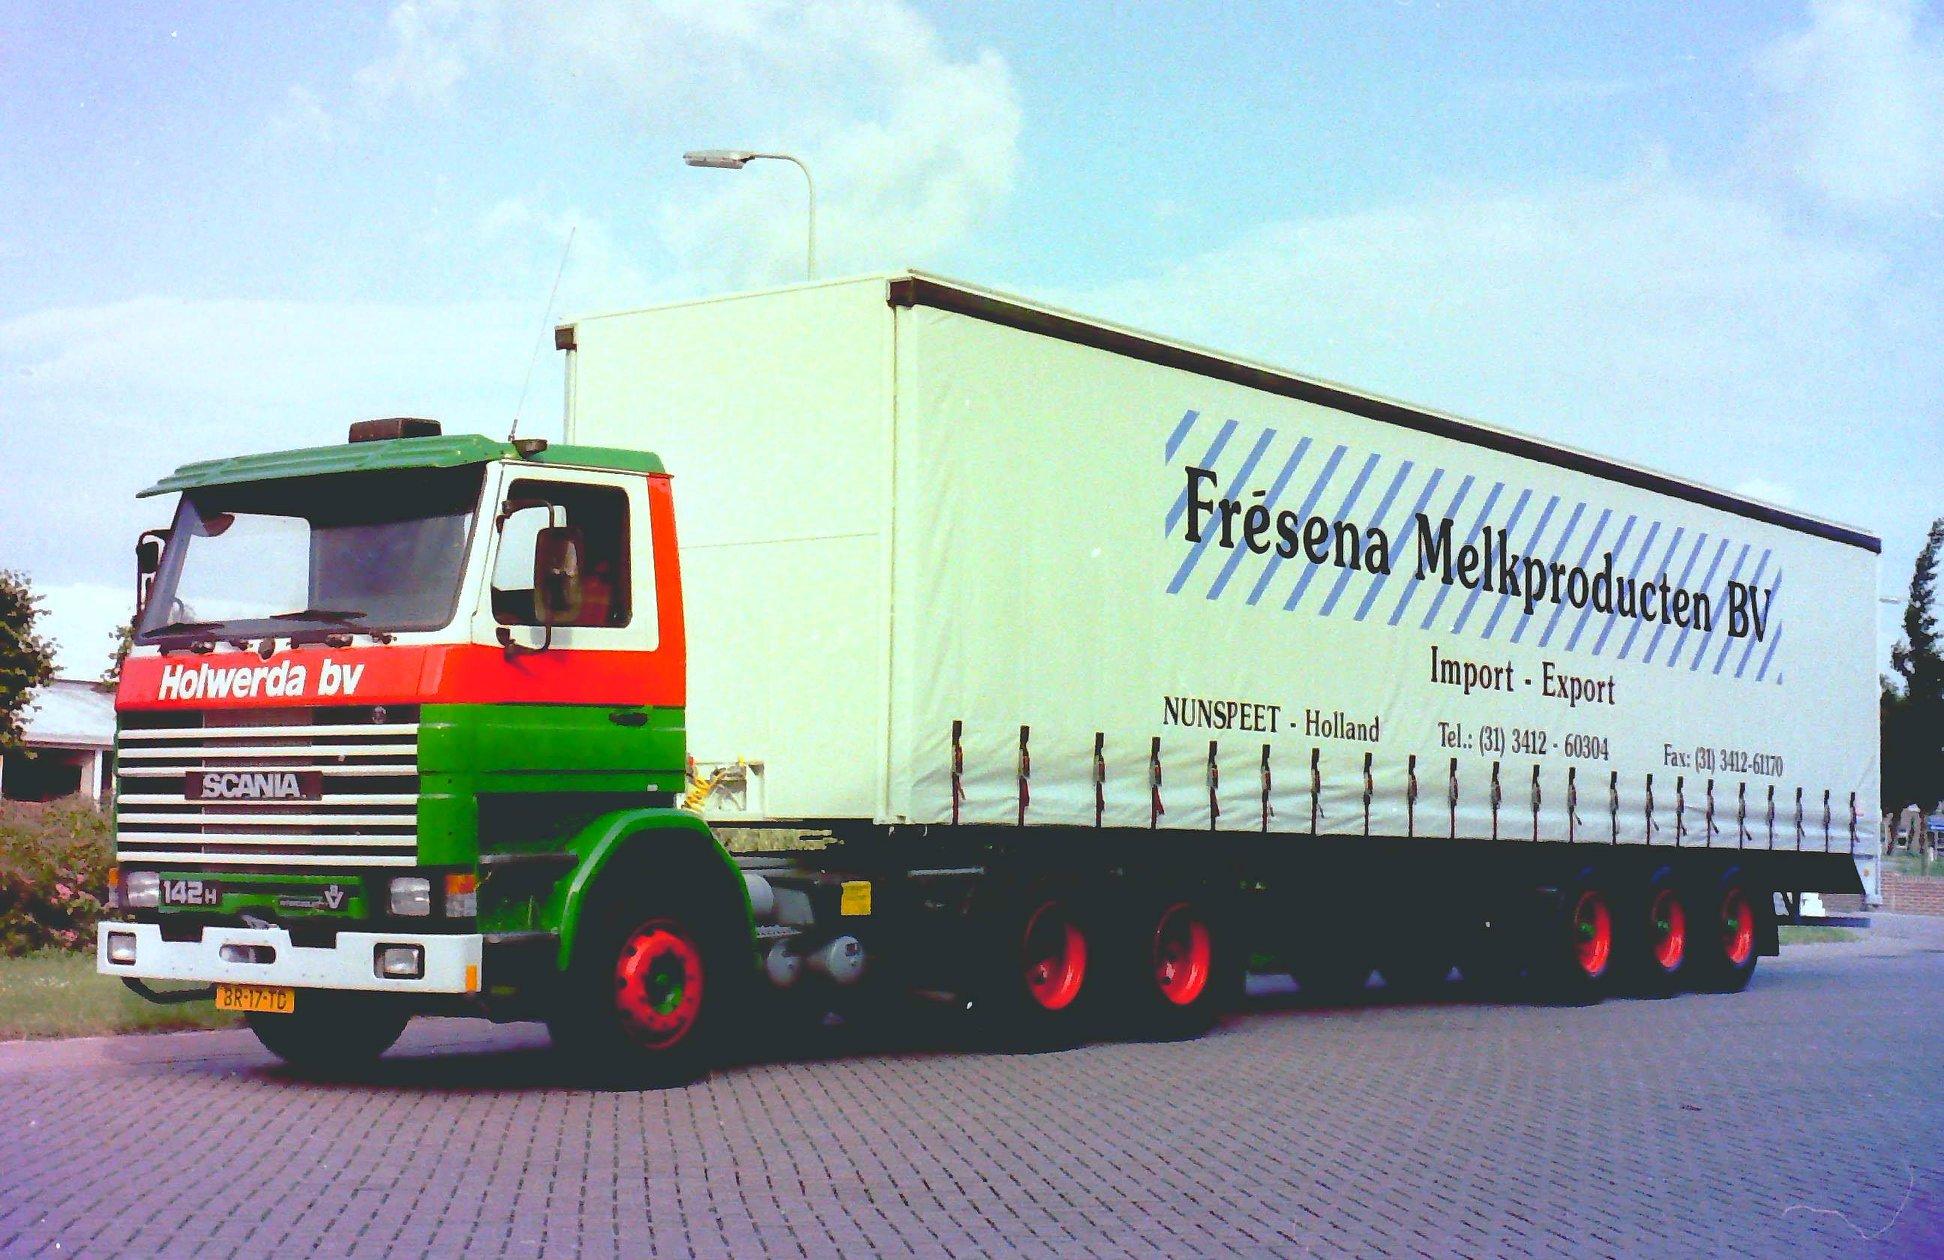 Rondaan-carr--RAF-Trailers-en-Trucks-en-RAF-aanhangwagens-die-door-Rondaan-in-Beetgum-gebouwd-zijn-ook-voor-Holwerda-in-Drachten-2